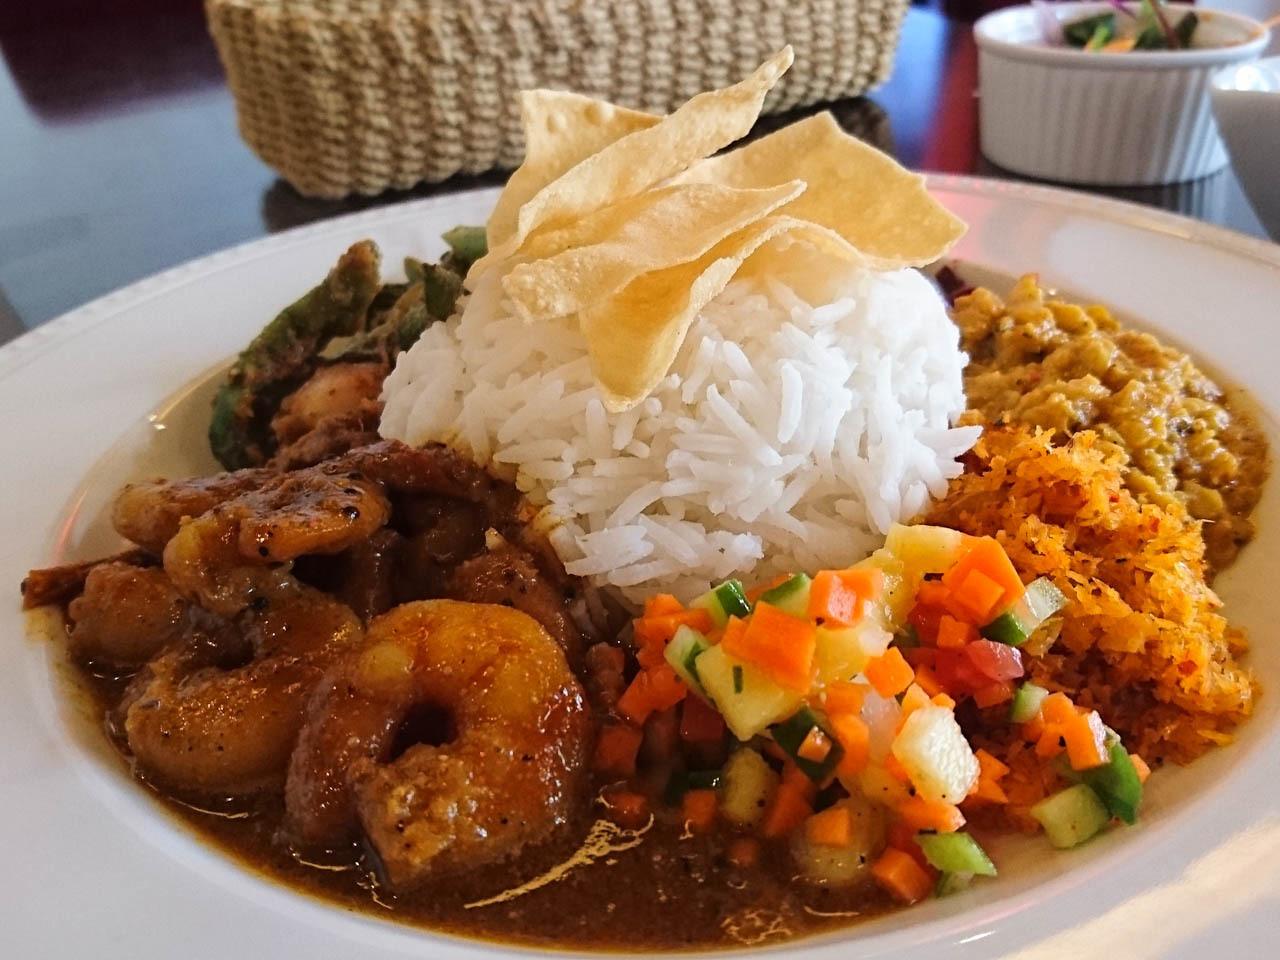 中崎町地區的正統斯里蘭卡料理店新登場!『AMBALAMA』